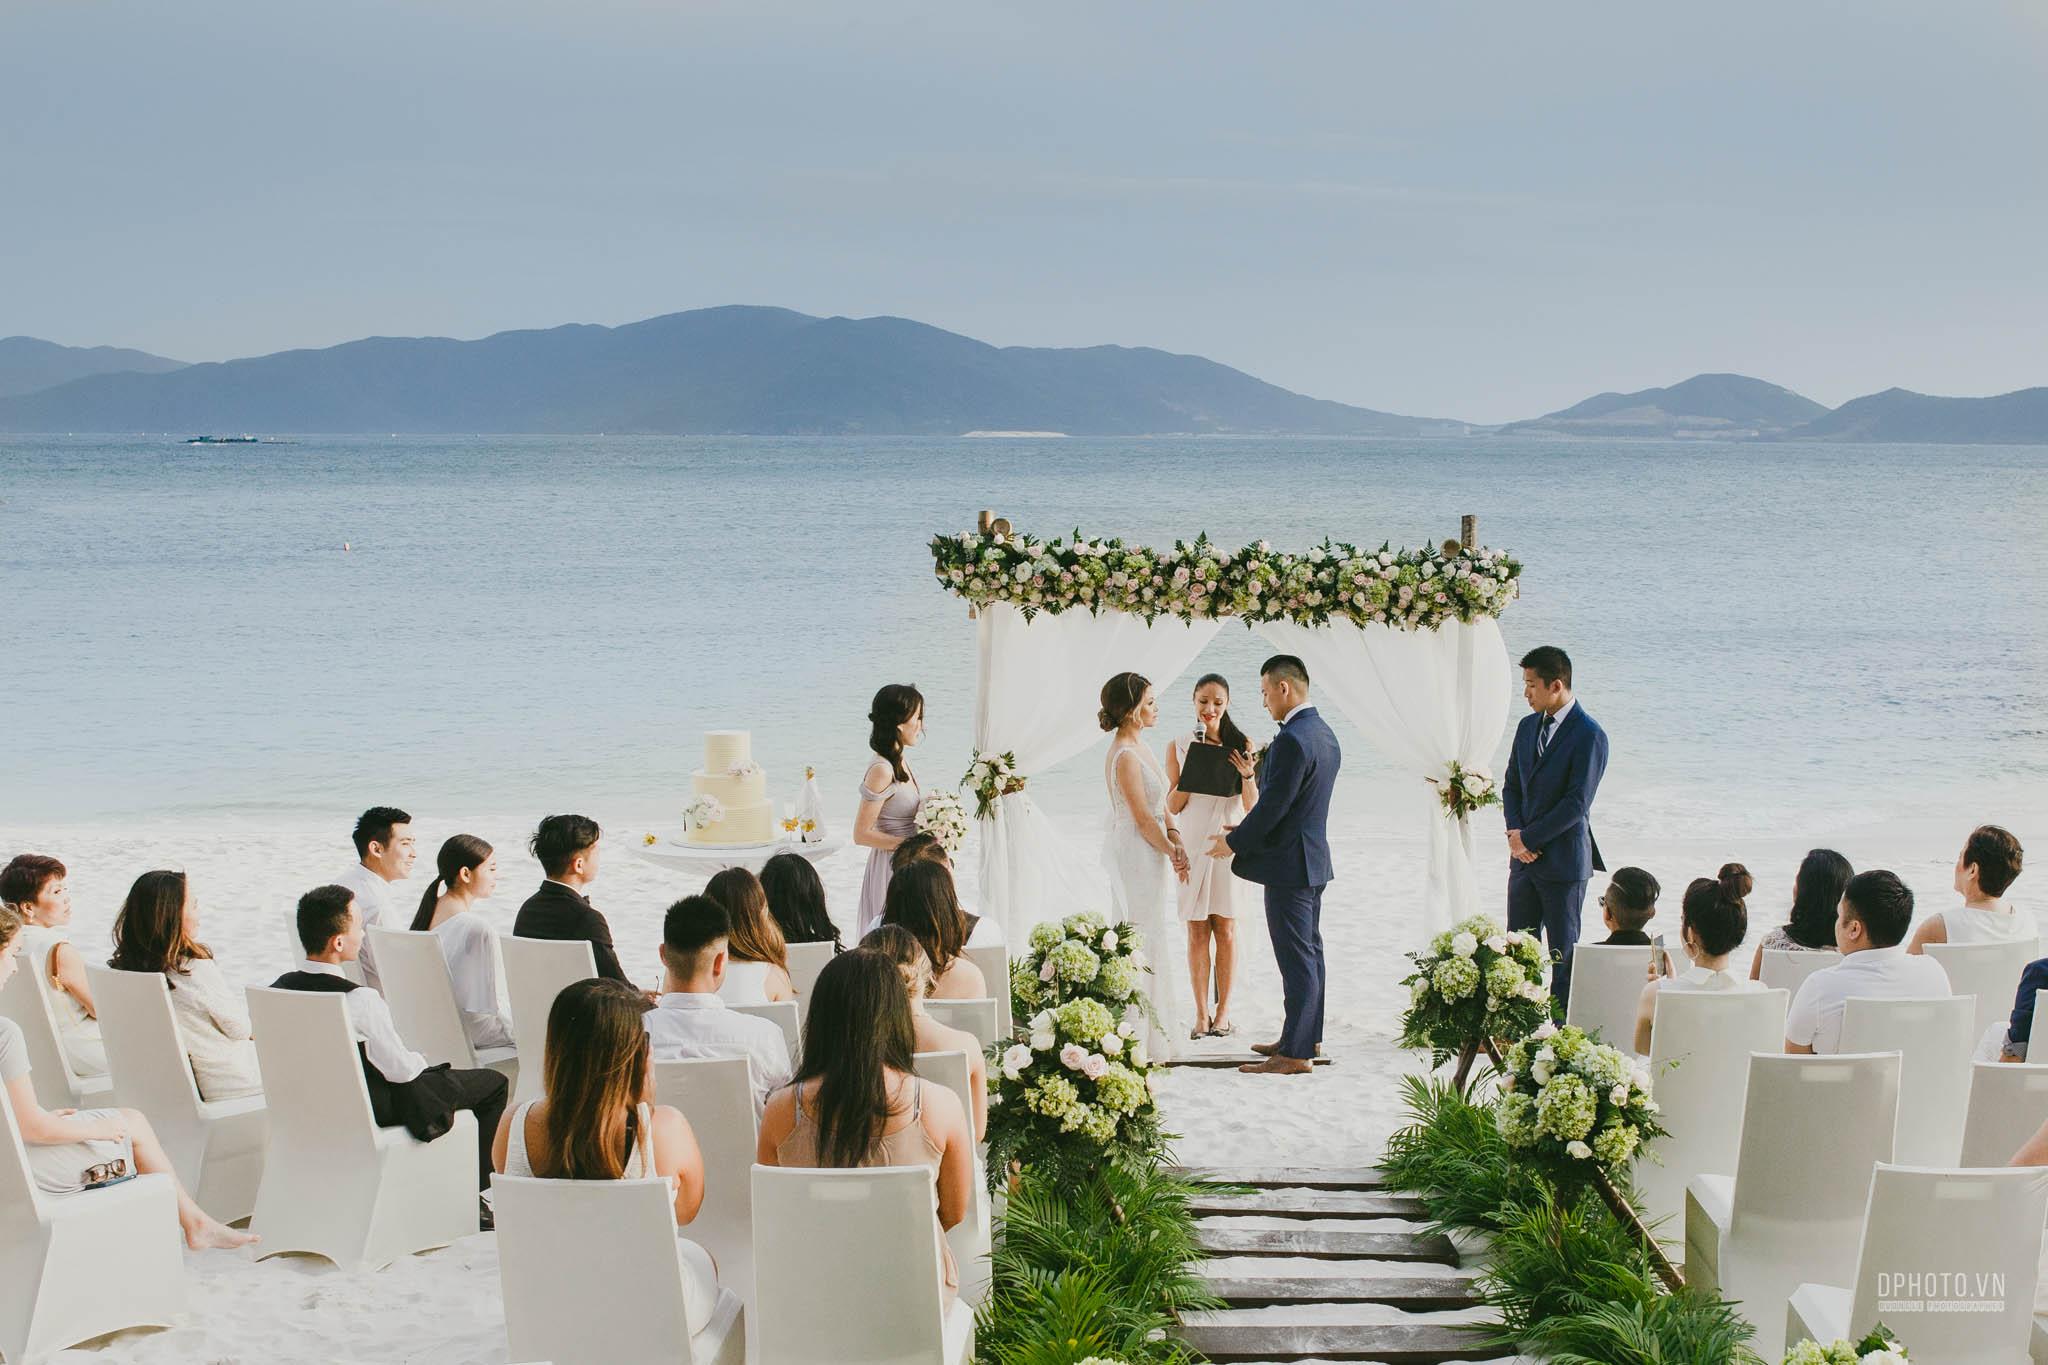 Định nghĩa Destination Wedding cho các bạn